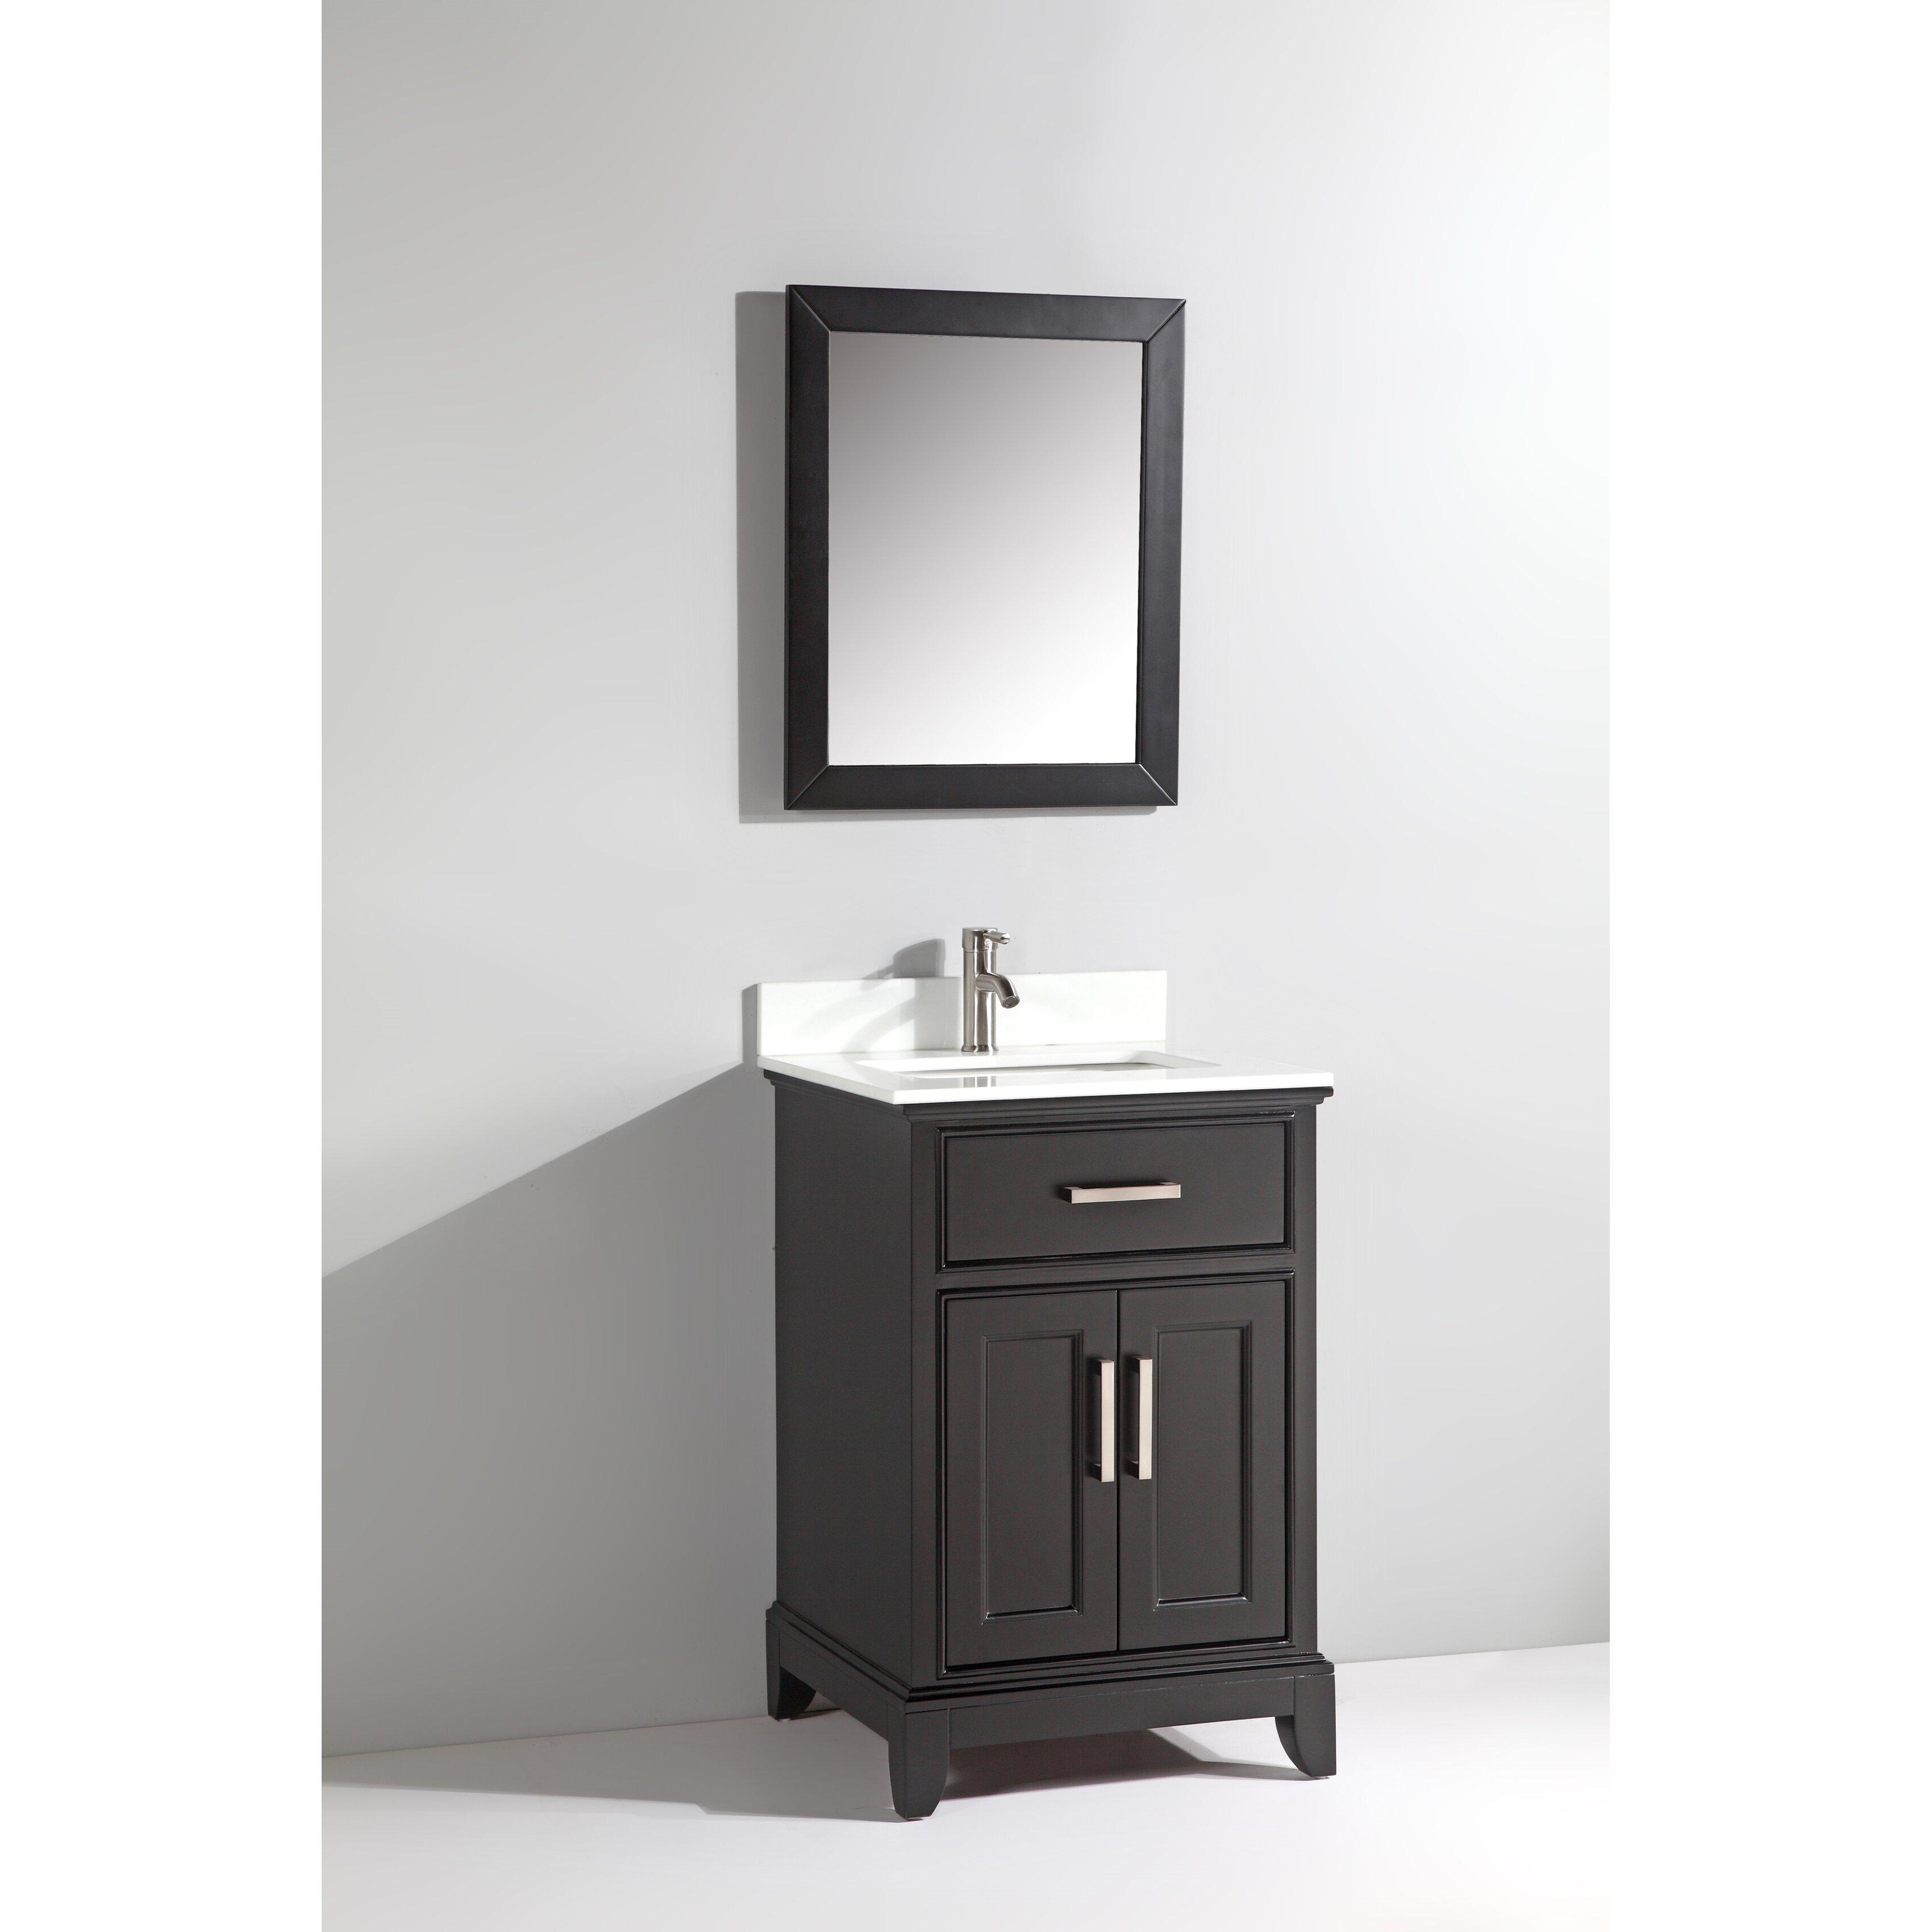 vanity art 24 single bathroom vanity set with mirror reviews